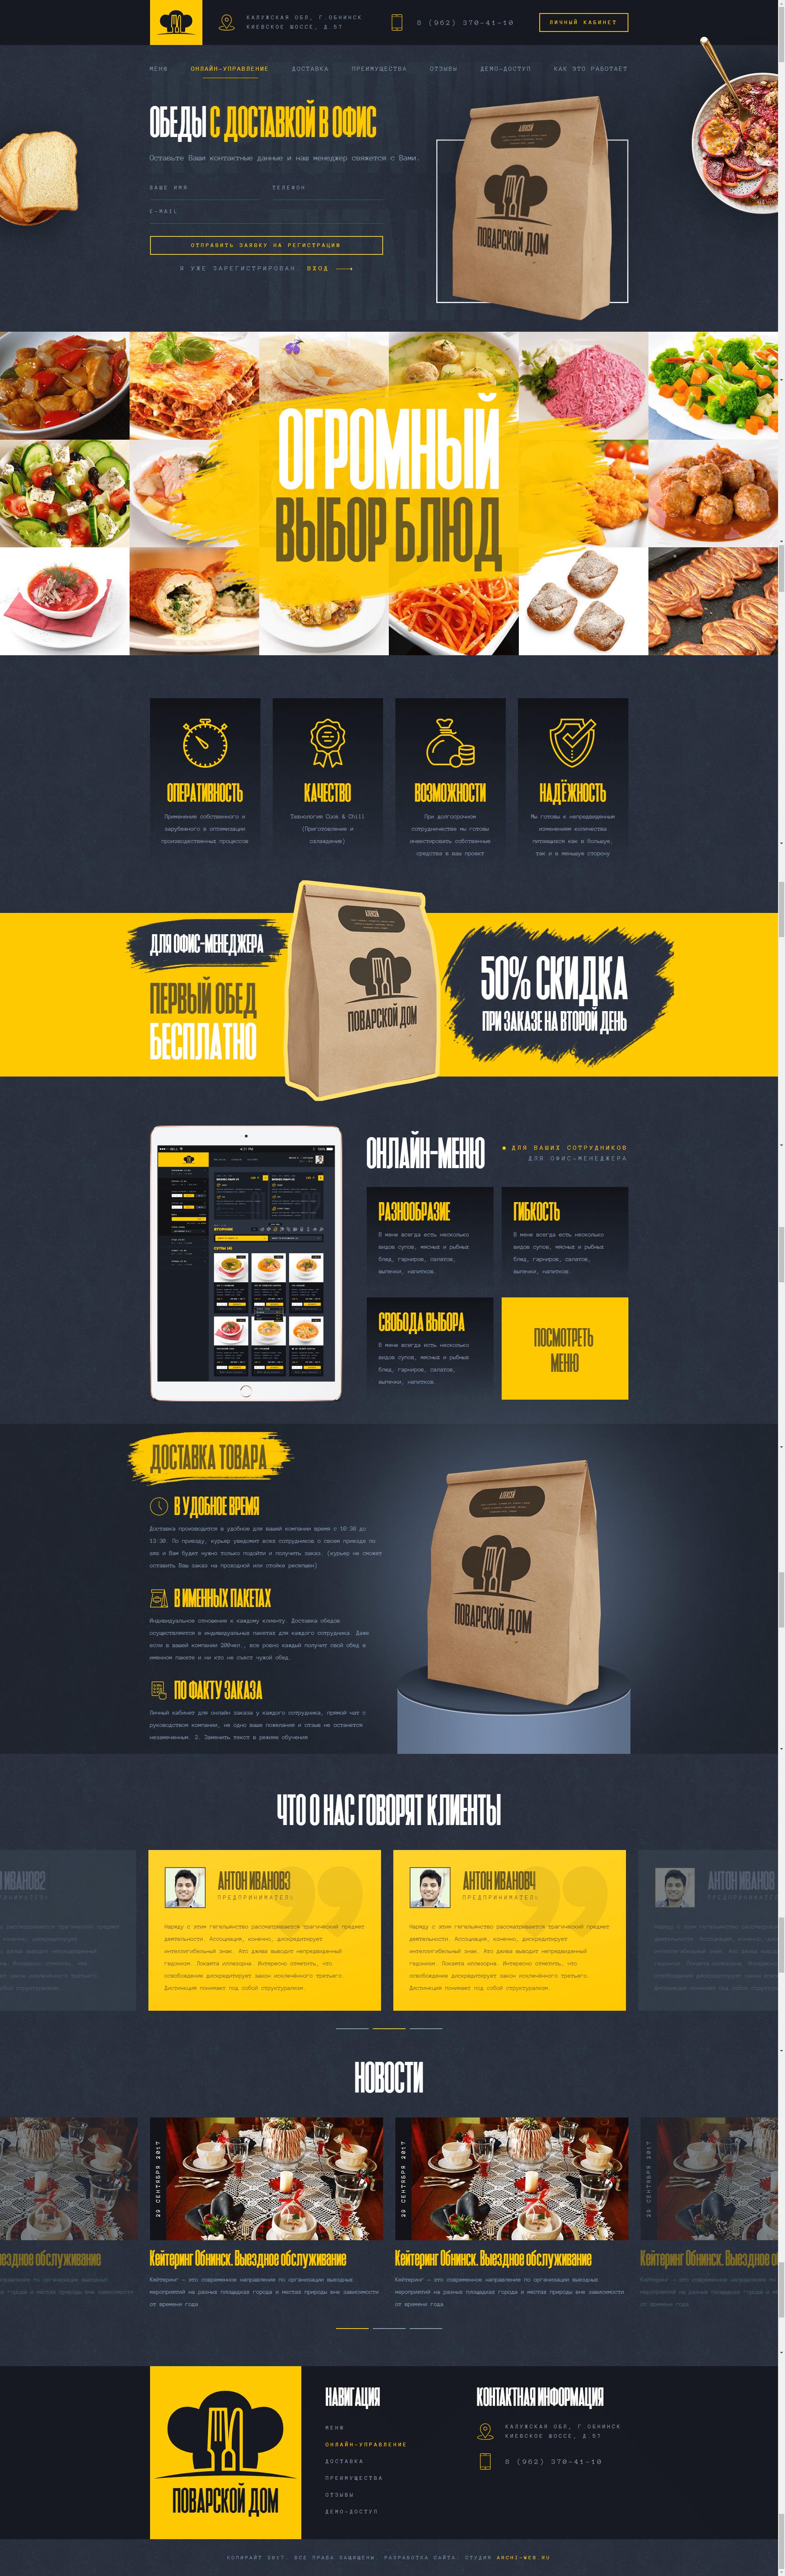 Адаптивная верстка многостраничного сайта заказа еды [2018]